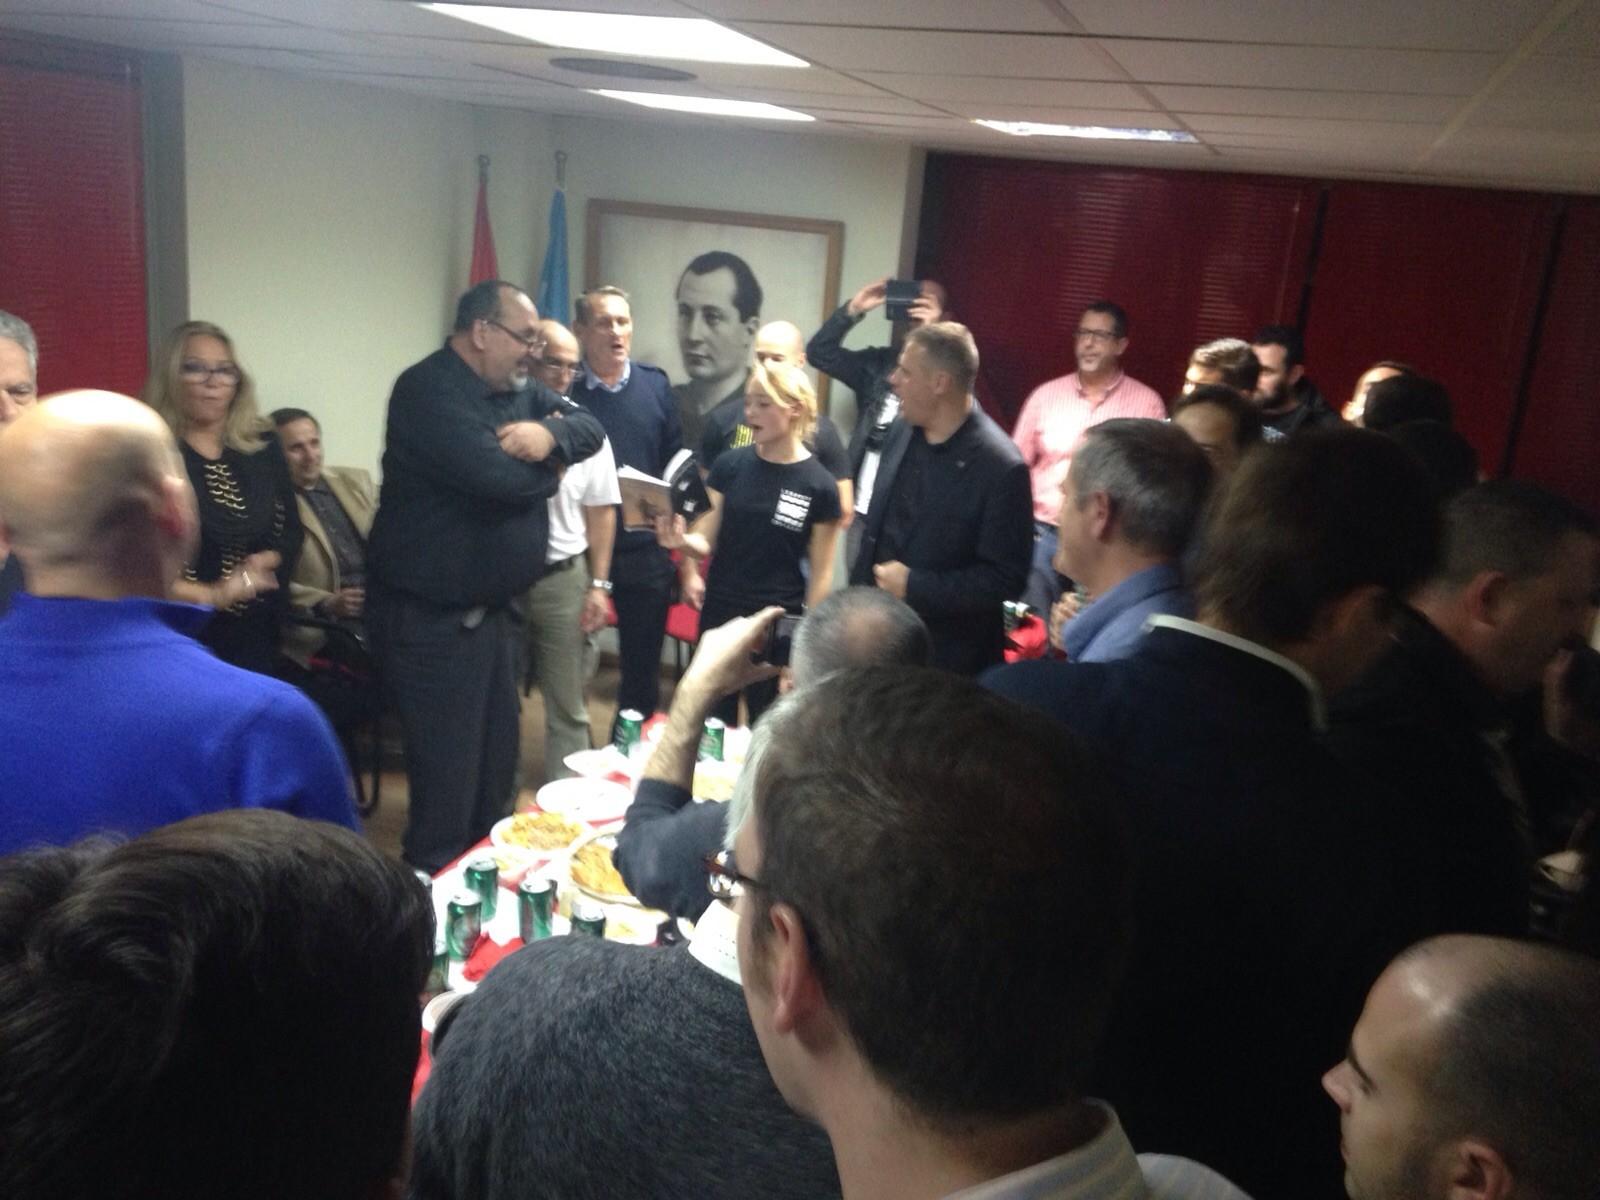 Vino español celebrado en la Sede Nacional de La Falange con los camaradas europeos